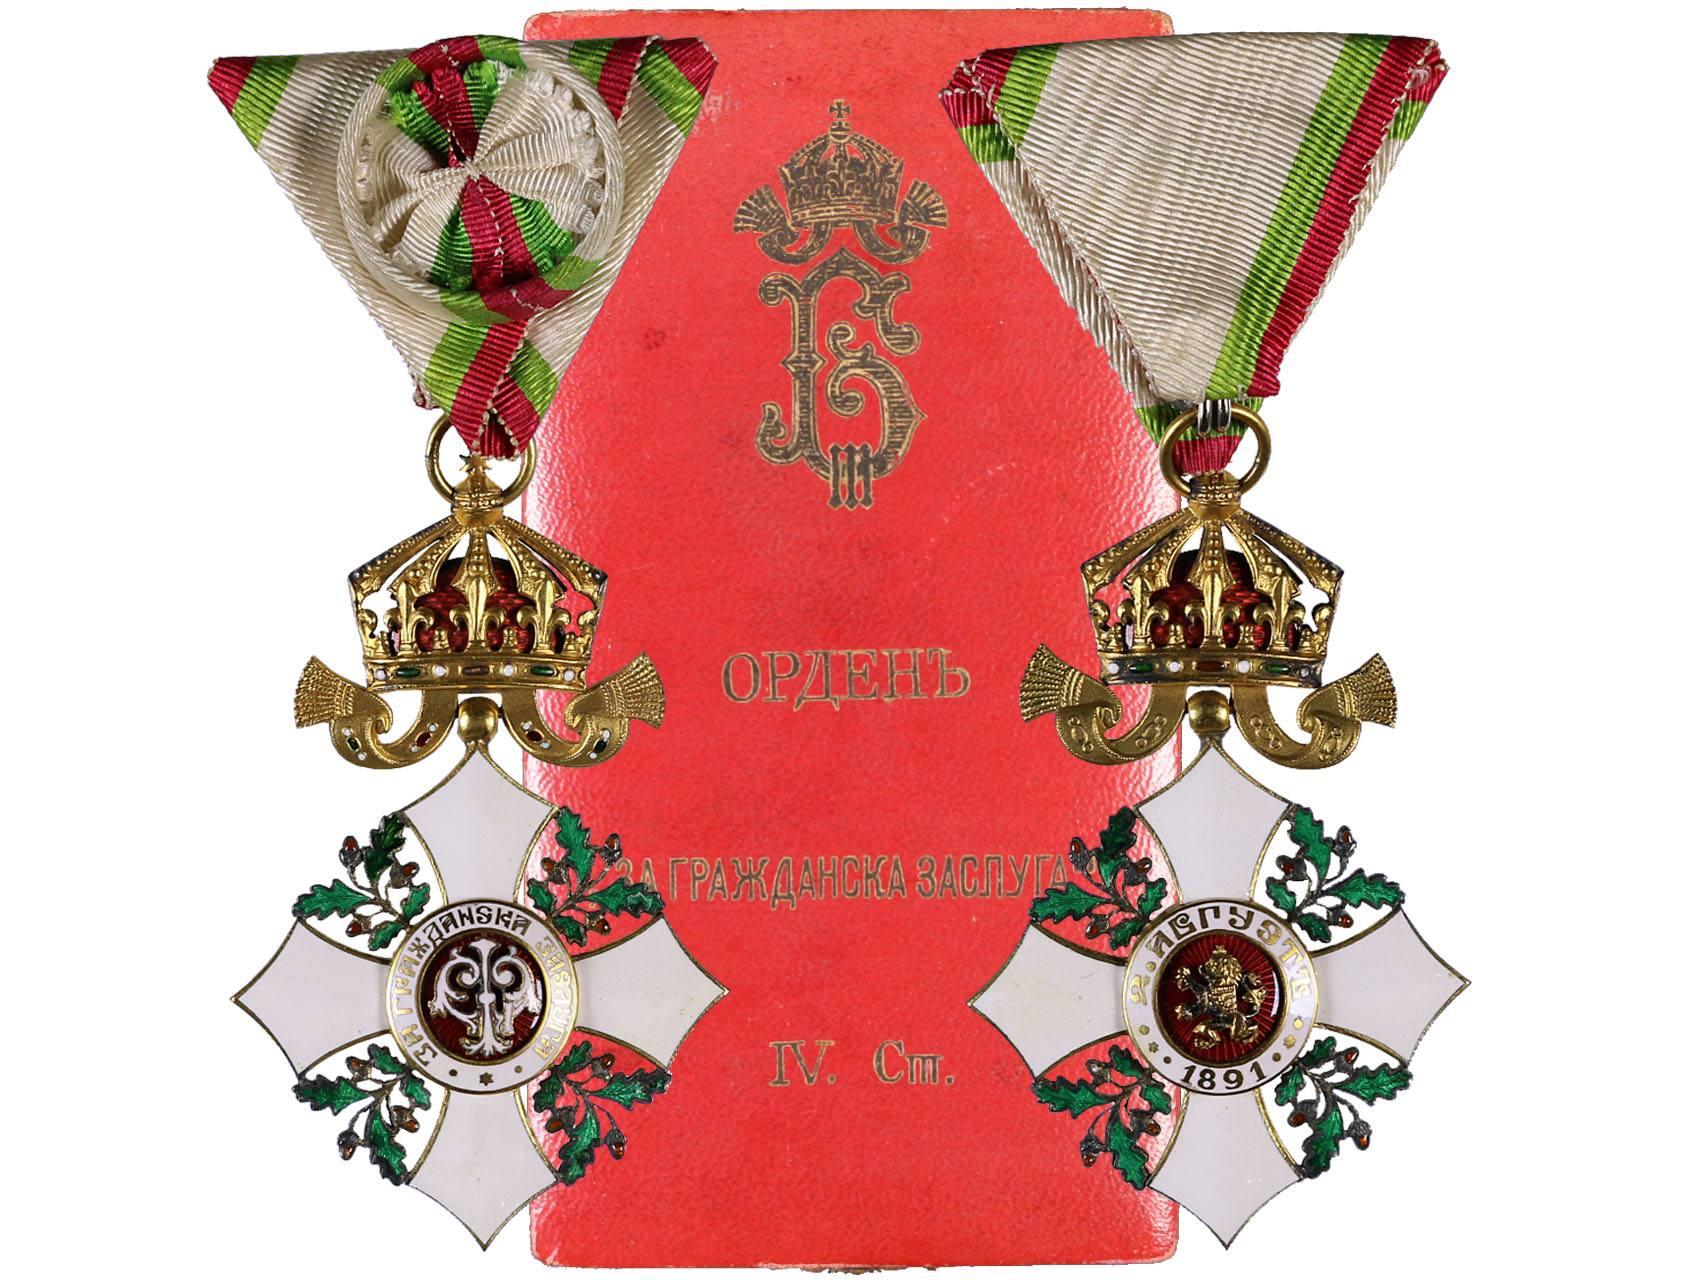 Řád za civliní zásluhy IV. třída, pozlacený bronz, smalty, původní etue, BAR.245